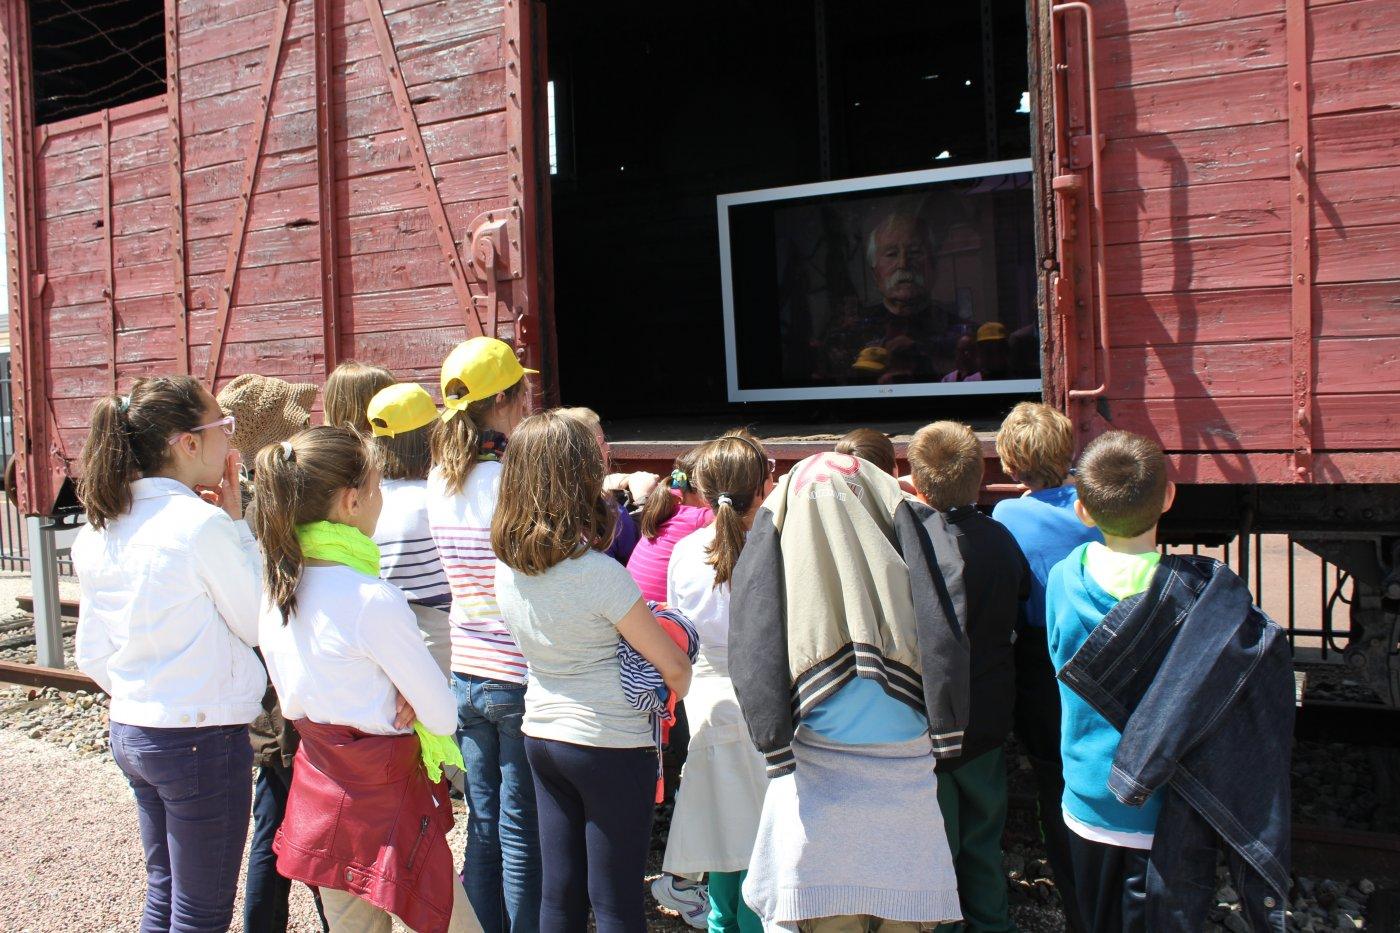 memorial-du-wagon-de-deportation-visite-des-eleves-d-une-ecole-margnotine-5-juin-2014